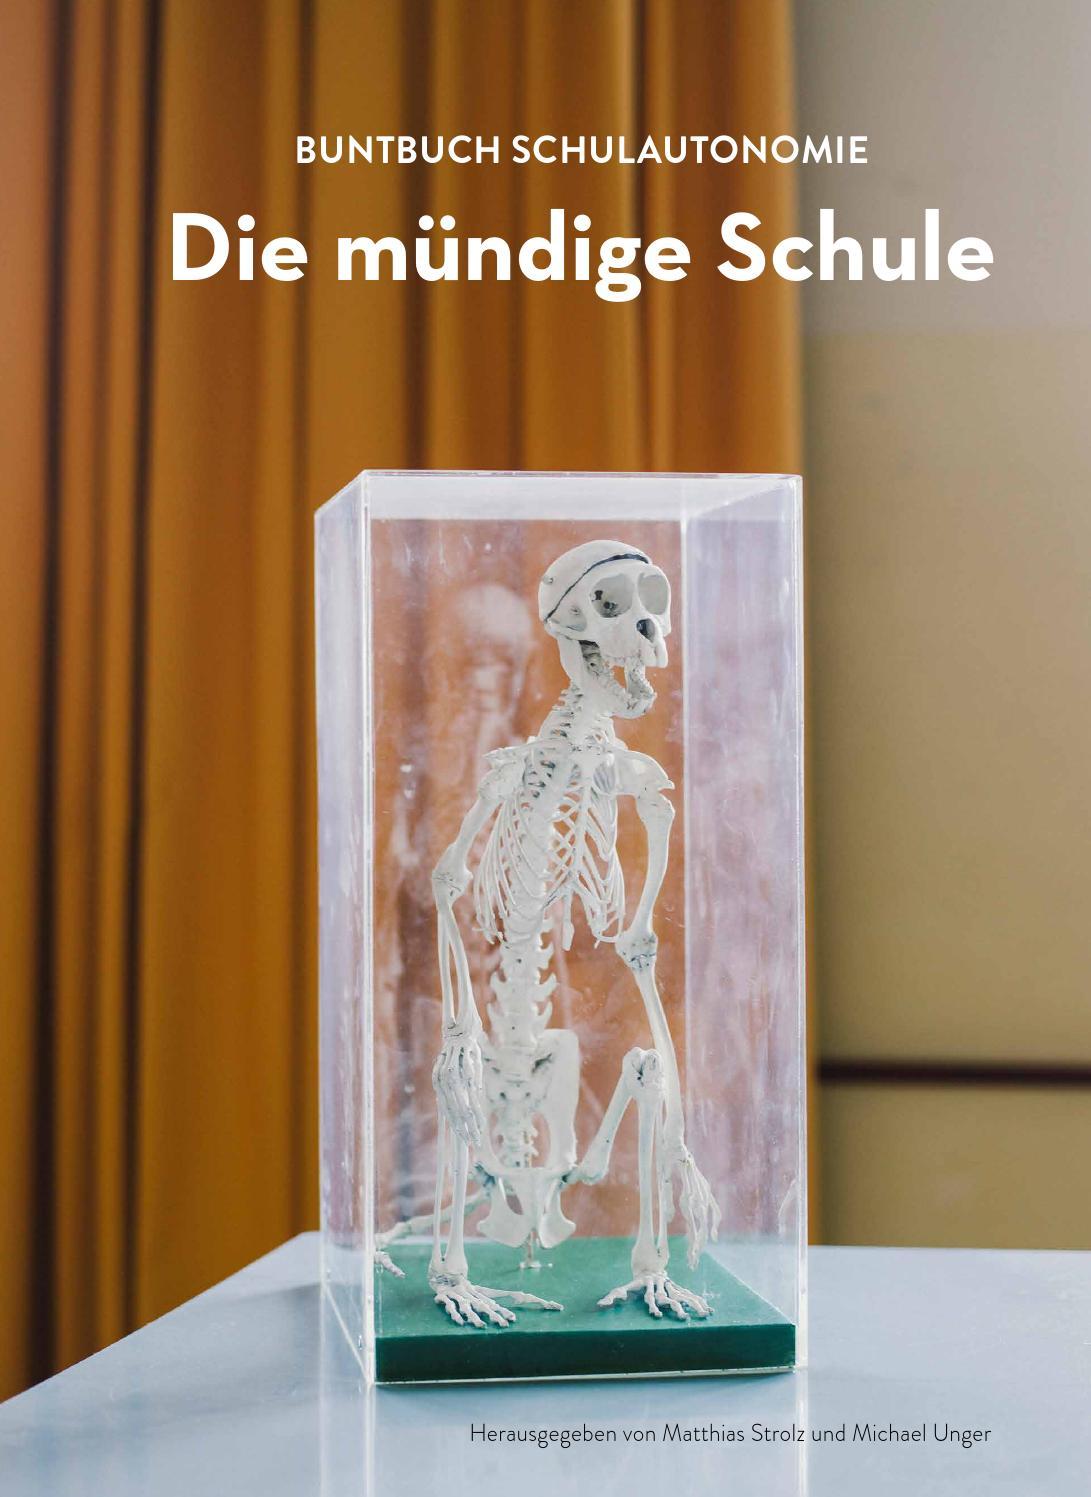 Die mündige Schule. Buntbuch Schulautonomie by Michael Hafner - issuu